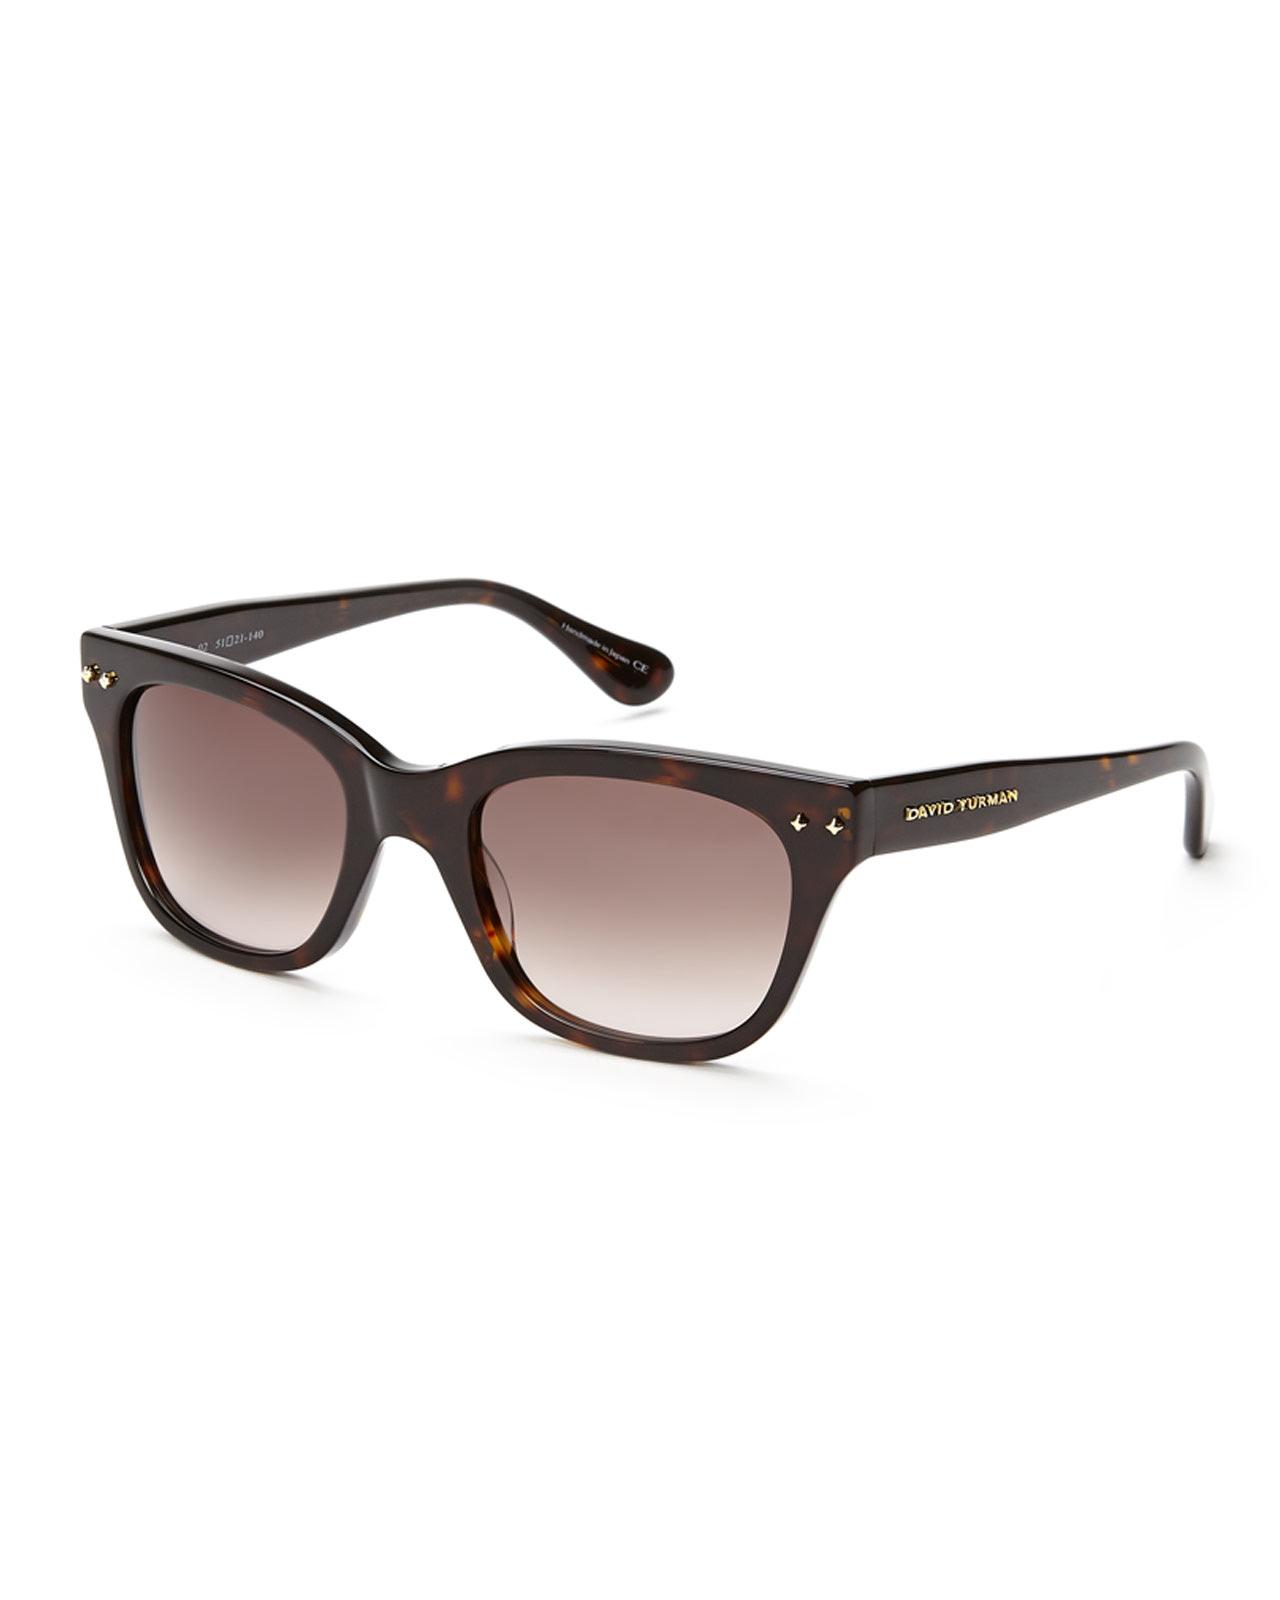 a28db317f1 Lyst - David Yurman Tortoiseshell-Look Wayfarer Sunglasses in Brown